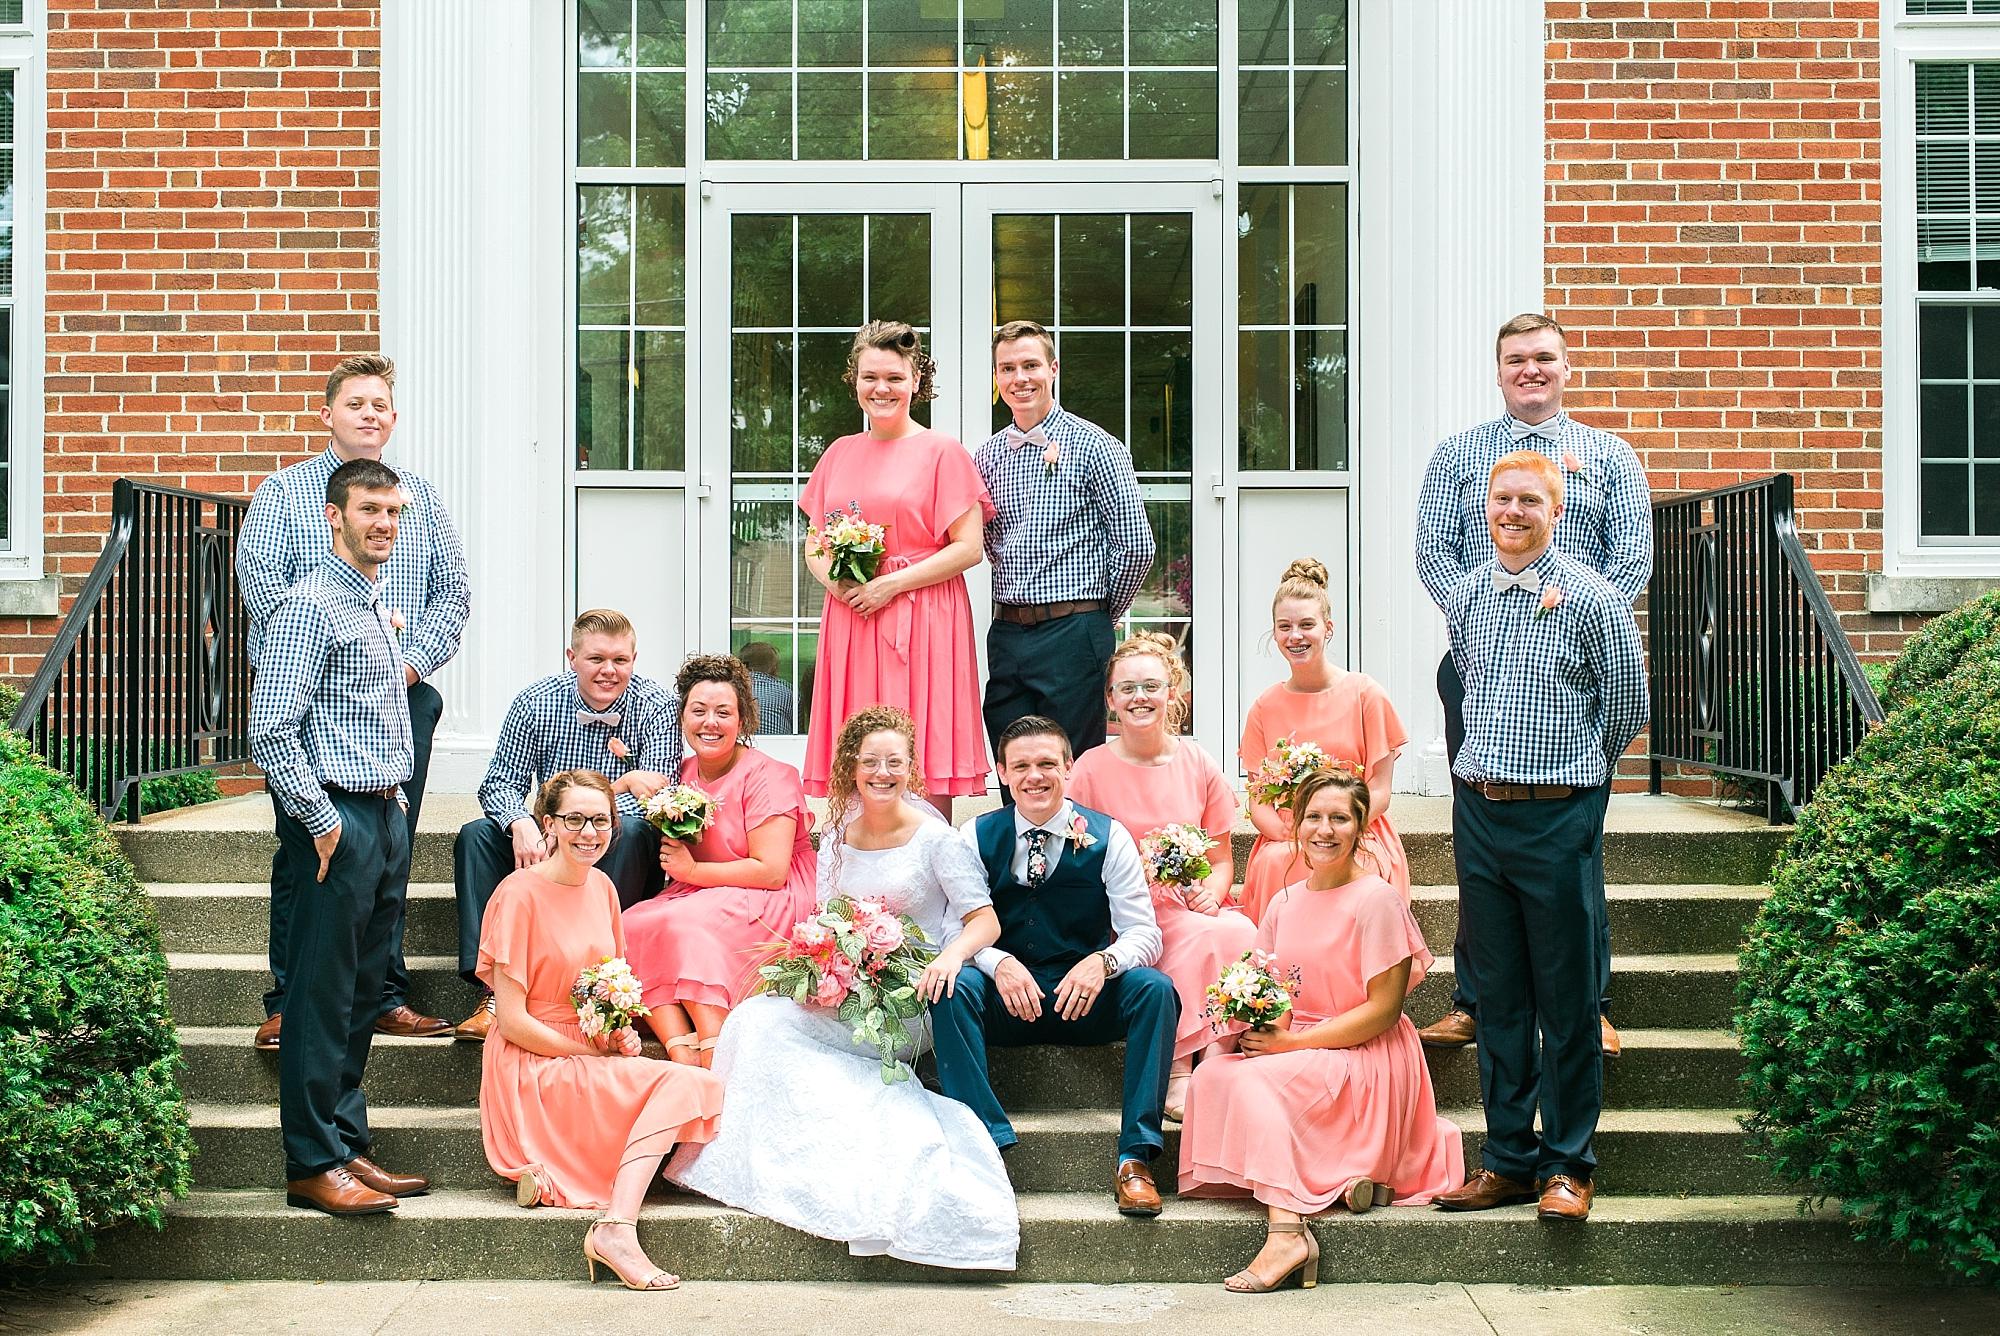 unique-wedding-party-photos